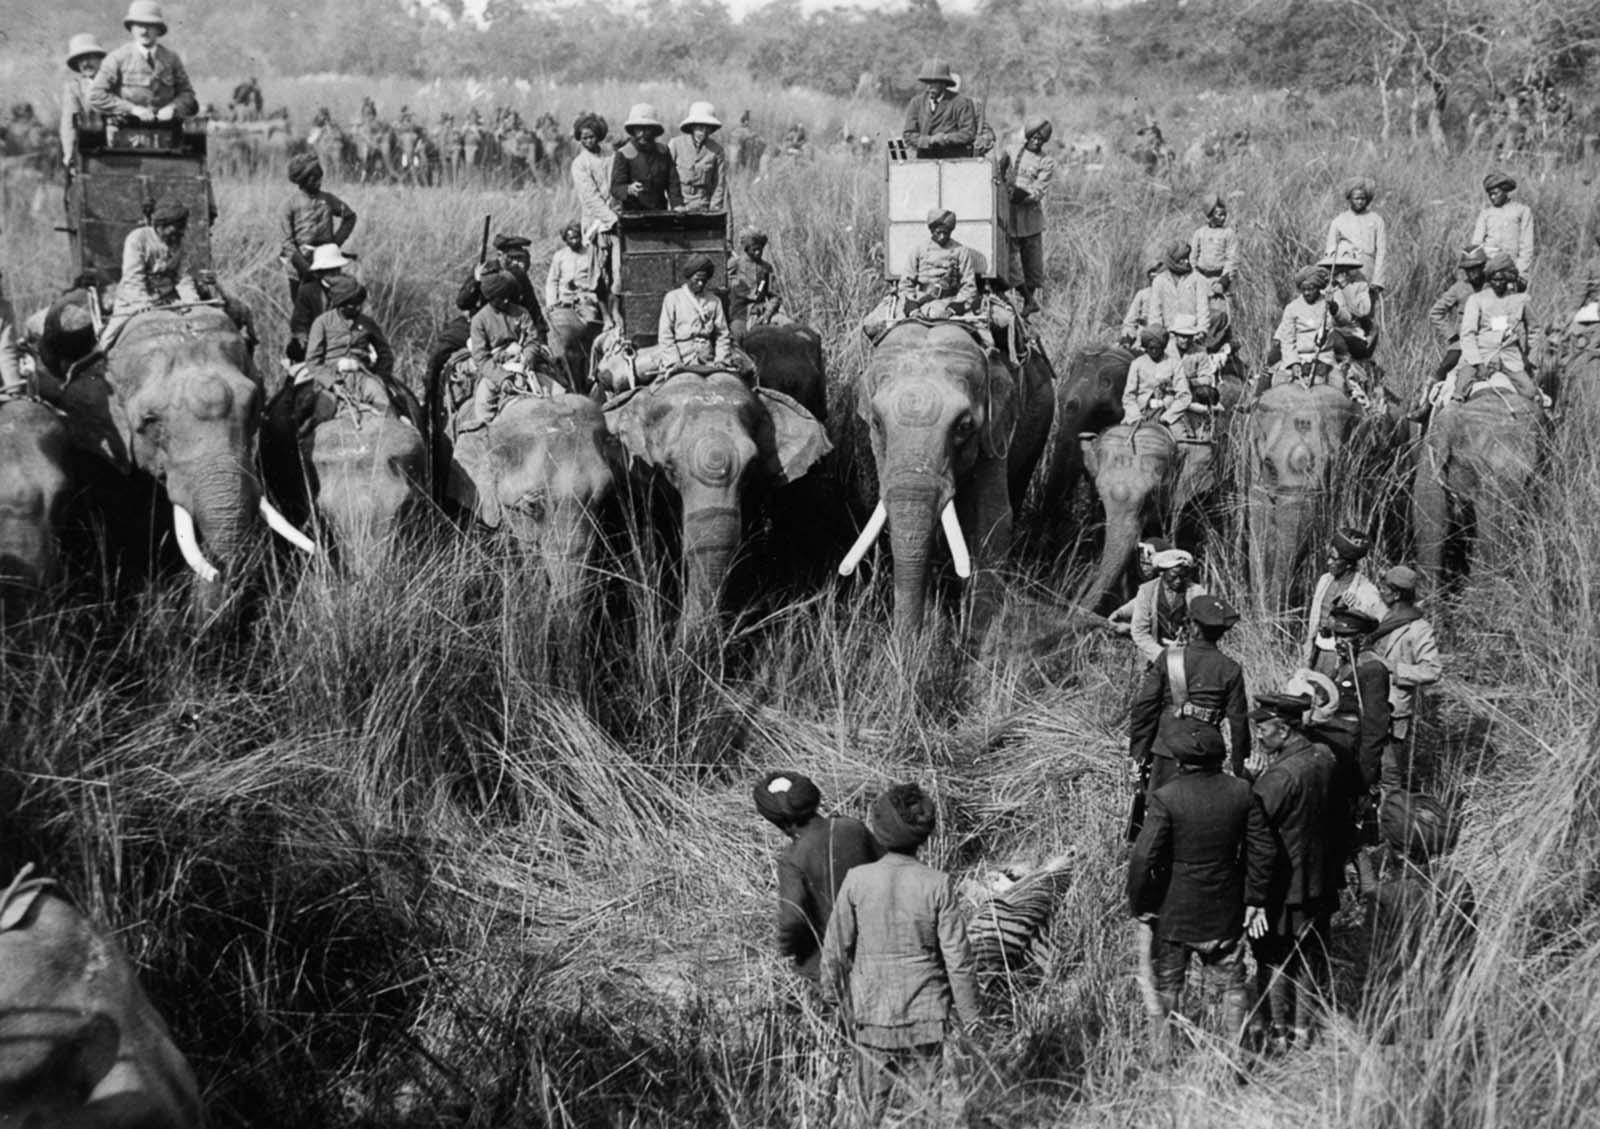 Em 1911 a realeza britânica foi à Índia para ser coroada e aproveitou para caçar 11